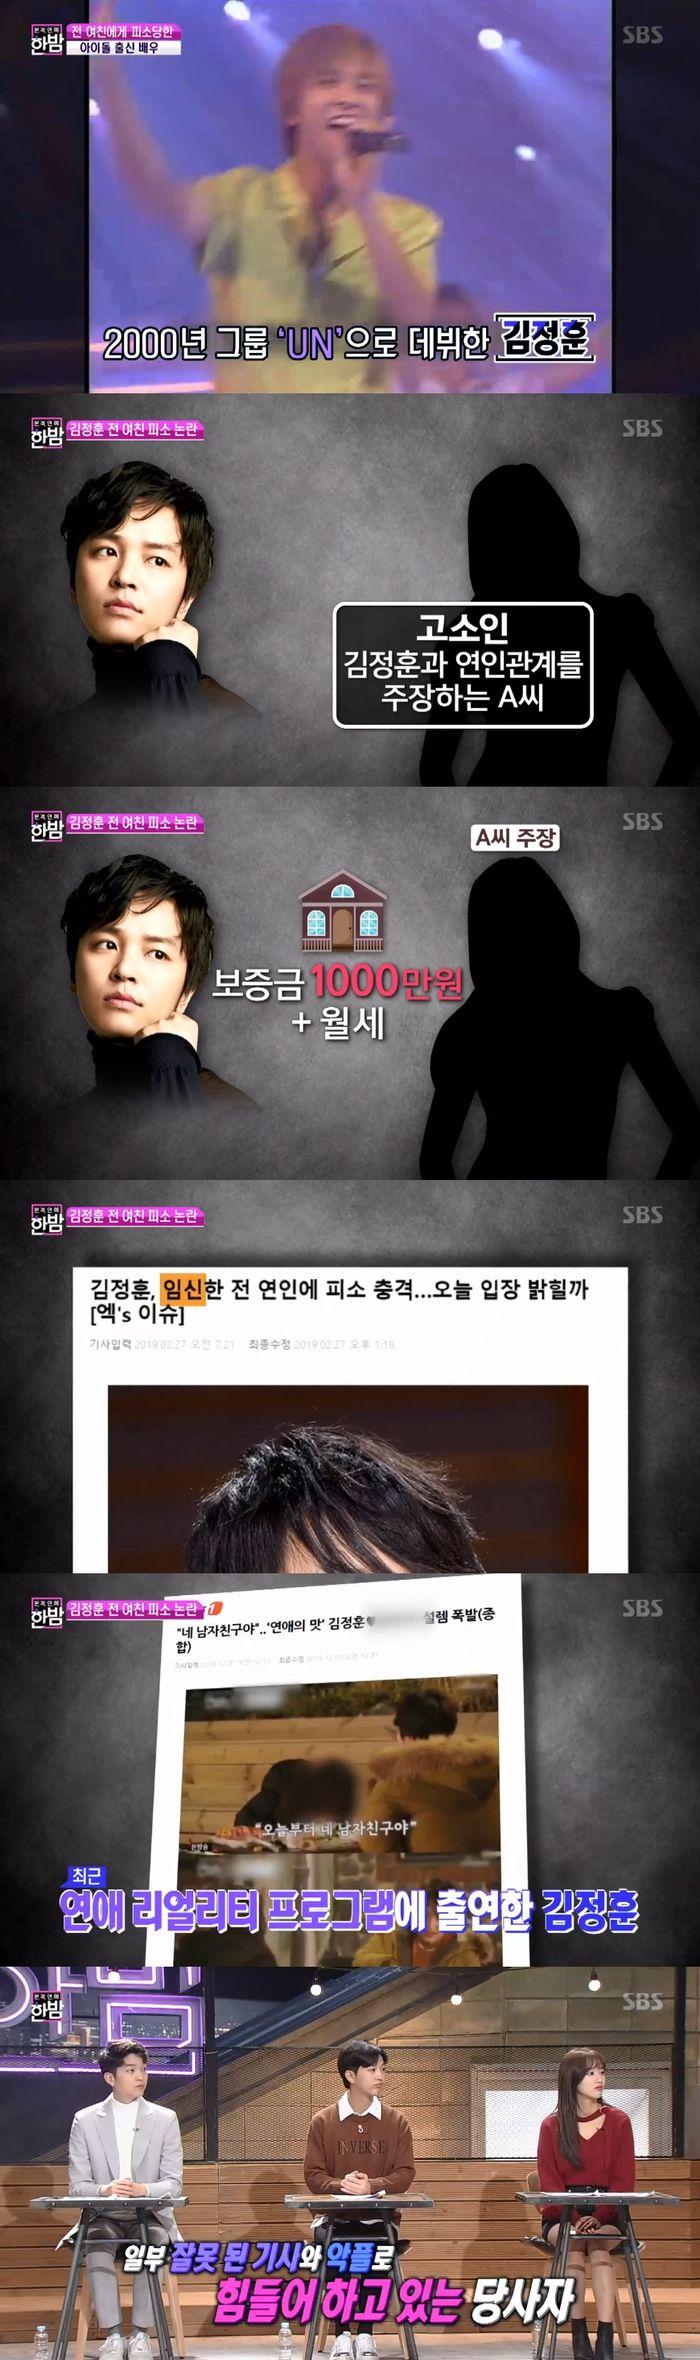 """'한밤' 김정훈 전 여자친구 변호인 """"임신 빌미로 돈 요구하는 것 아니다"""""""